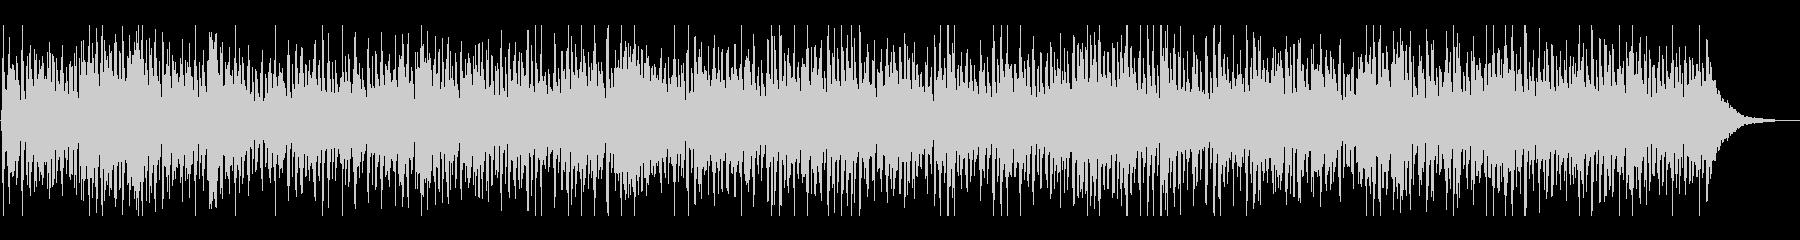 ファンキーでおしゃれな大人エレピジャズの未再生の波形